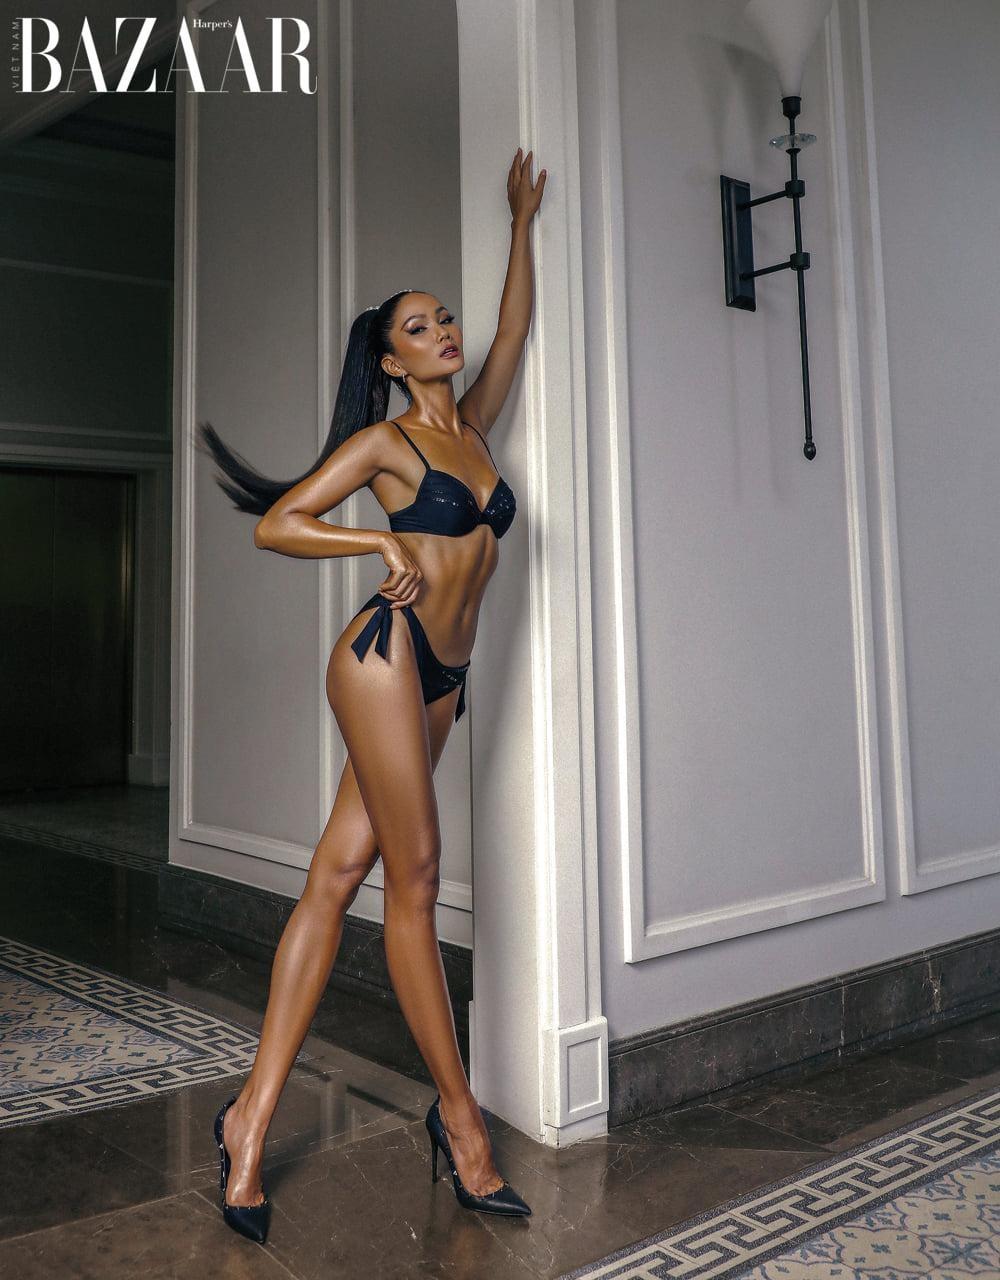 Hoa hậu H'Hen Niê mặc đồ bơi đẹp như siêu mẫu quốc tế trên bìa tạp chí thời trang đình đám ảnh 1